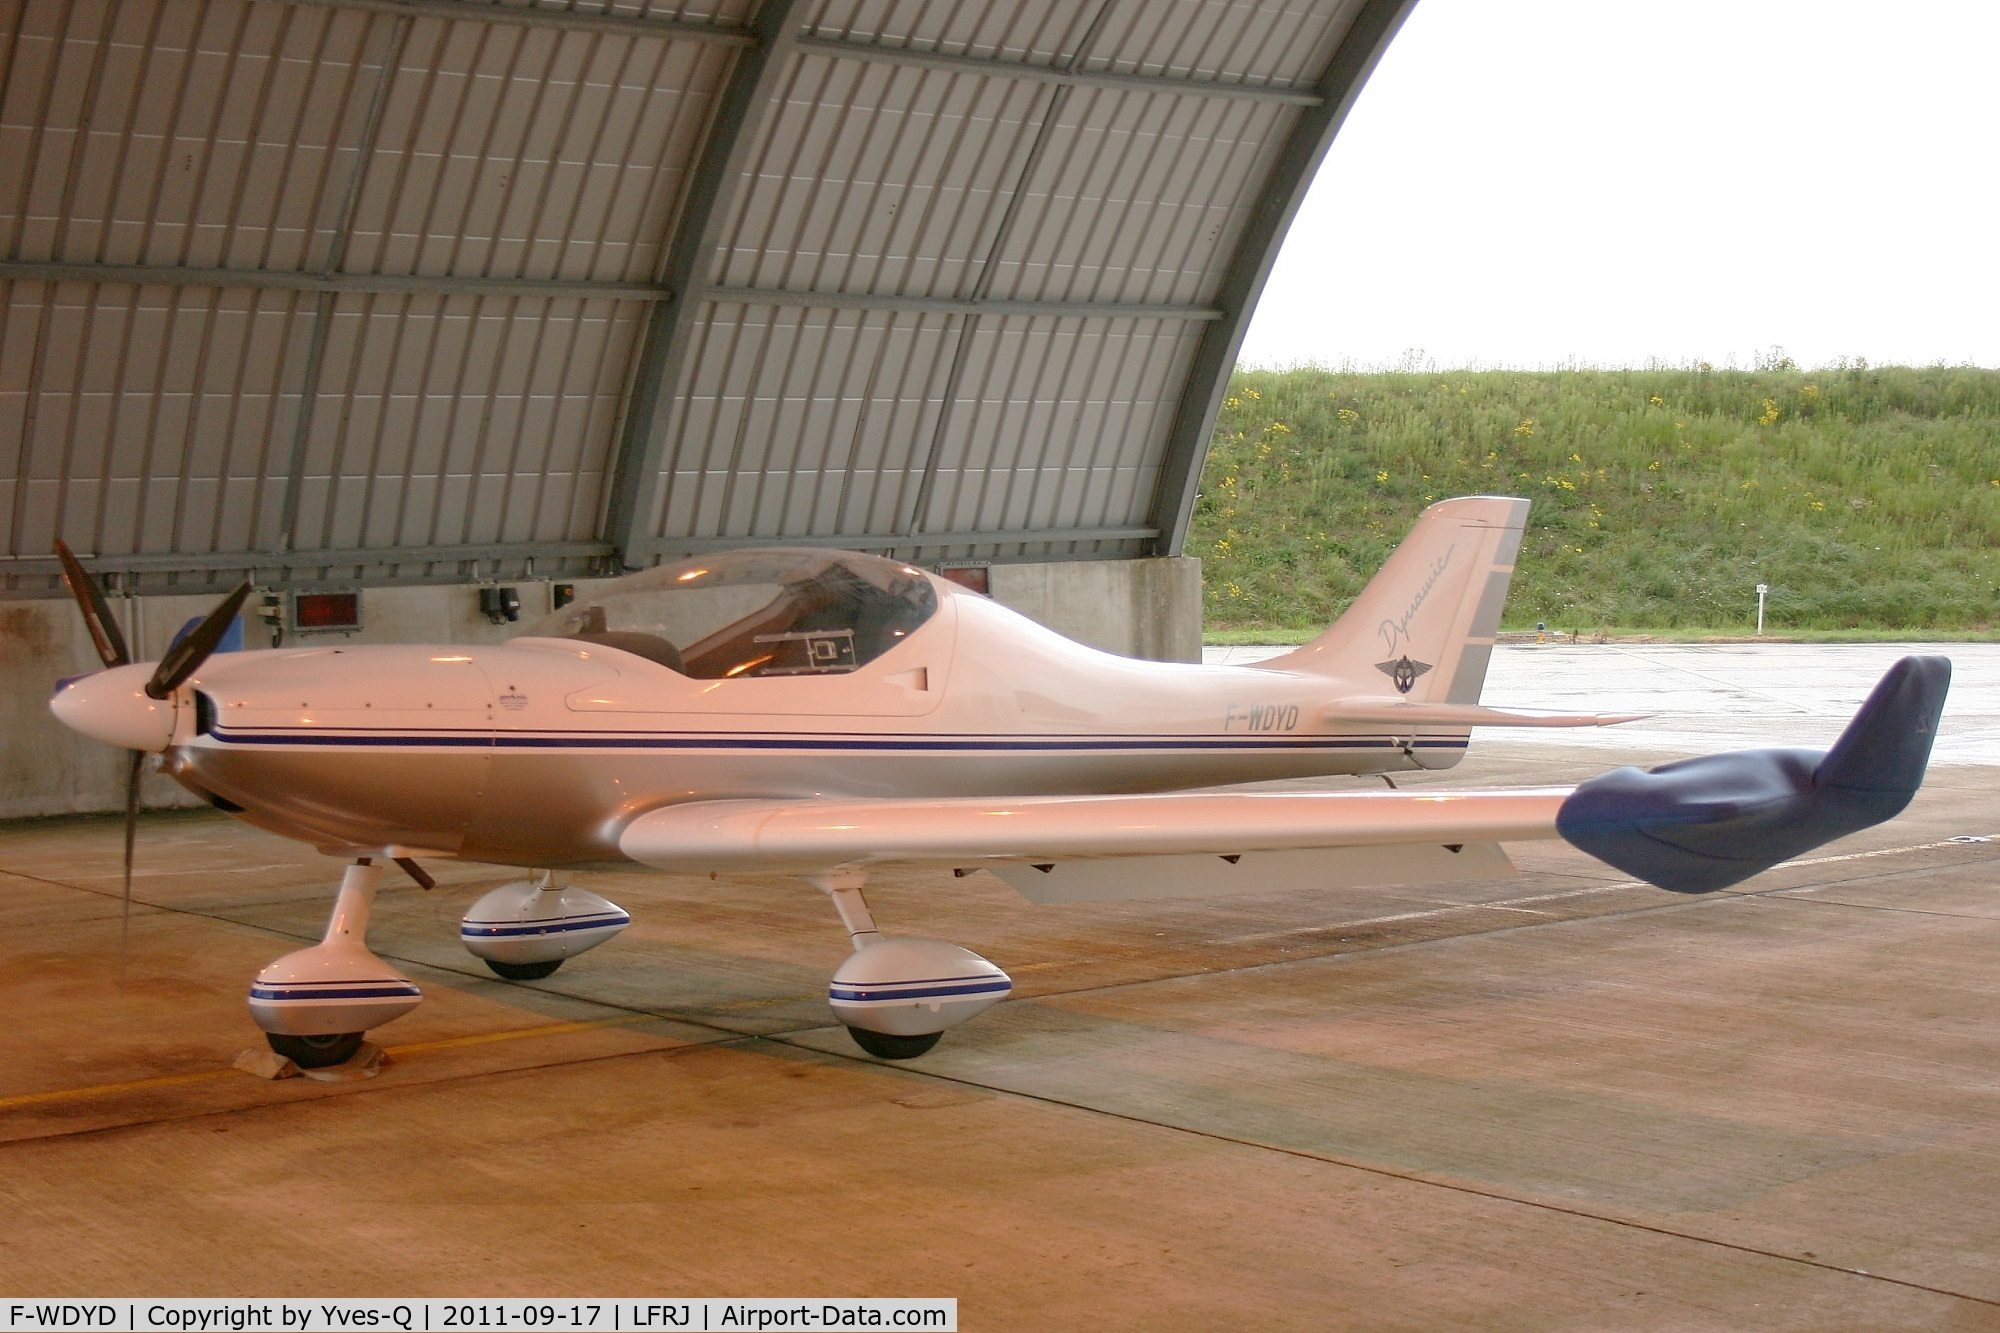 F-WDYD, 2000 Aerospool WT-9 Dynamic C/N DY377/2000, Aerospool Dynamic WT9 Dynamic, Landivisiau Naval Air Base (LFRJ)